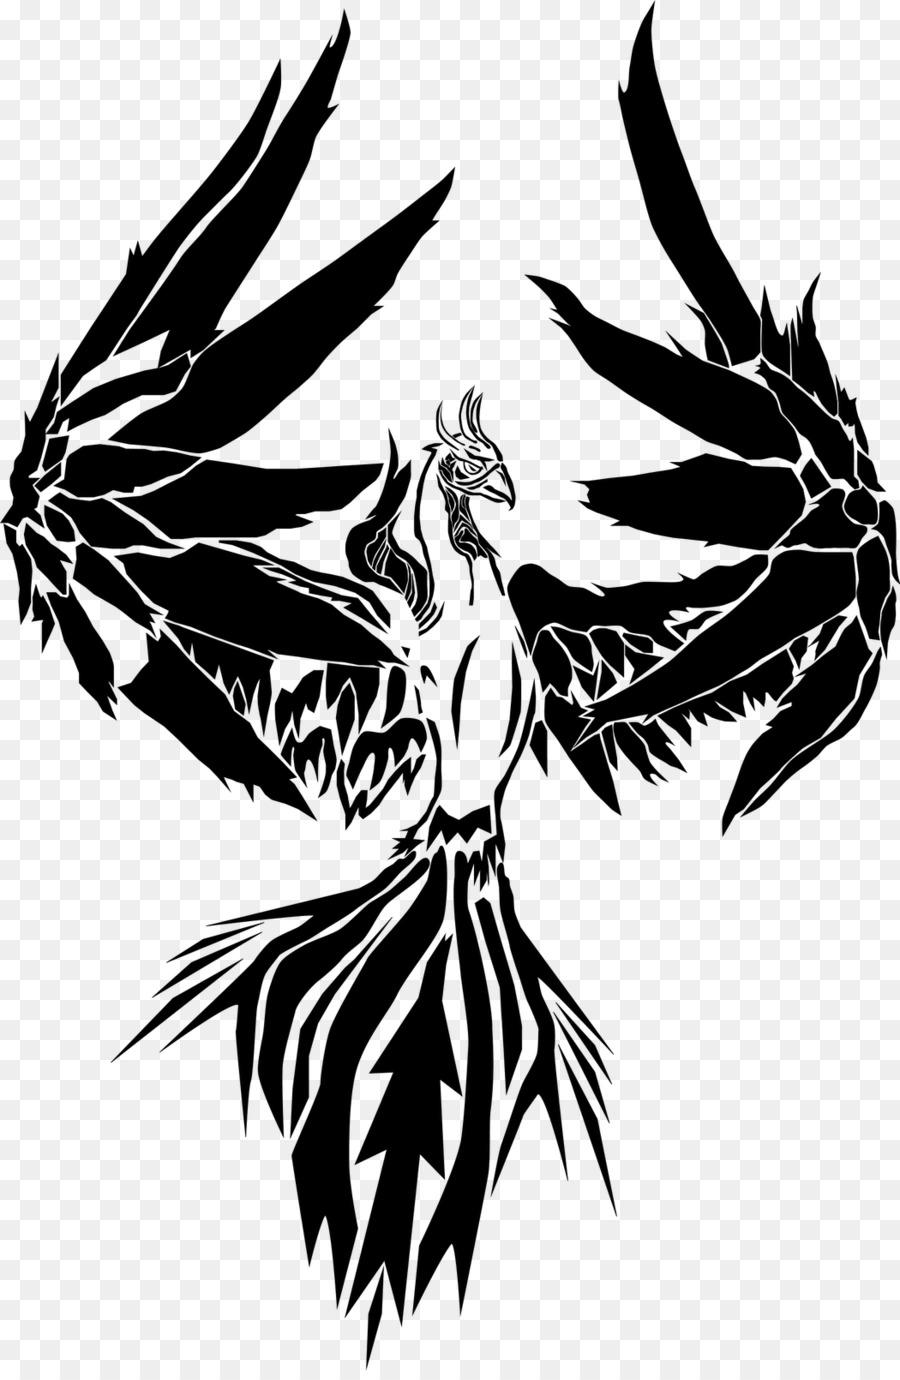 53ea24f12 Drawing Phoenix Art Tattoo T-shirt - tribe png download - 1050*1600 ...